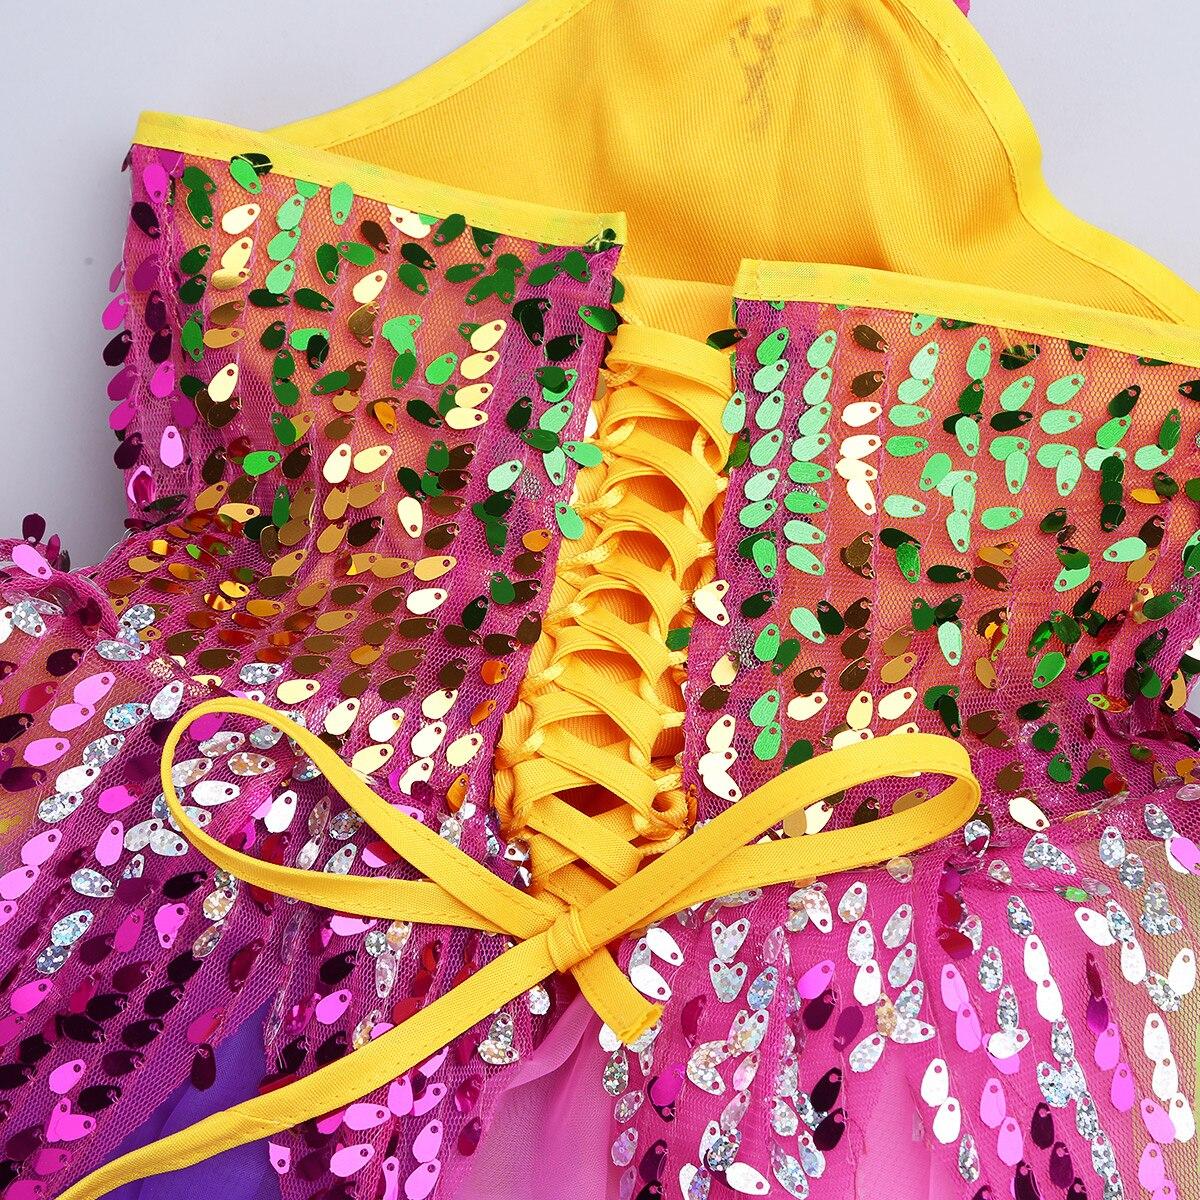 Балетное платье для девочек; Одежда для танцев для девочек; Детские балетные костюмы с блестками; балетная пачка для девочек; танцевальная одежда для сцены